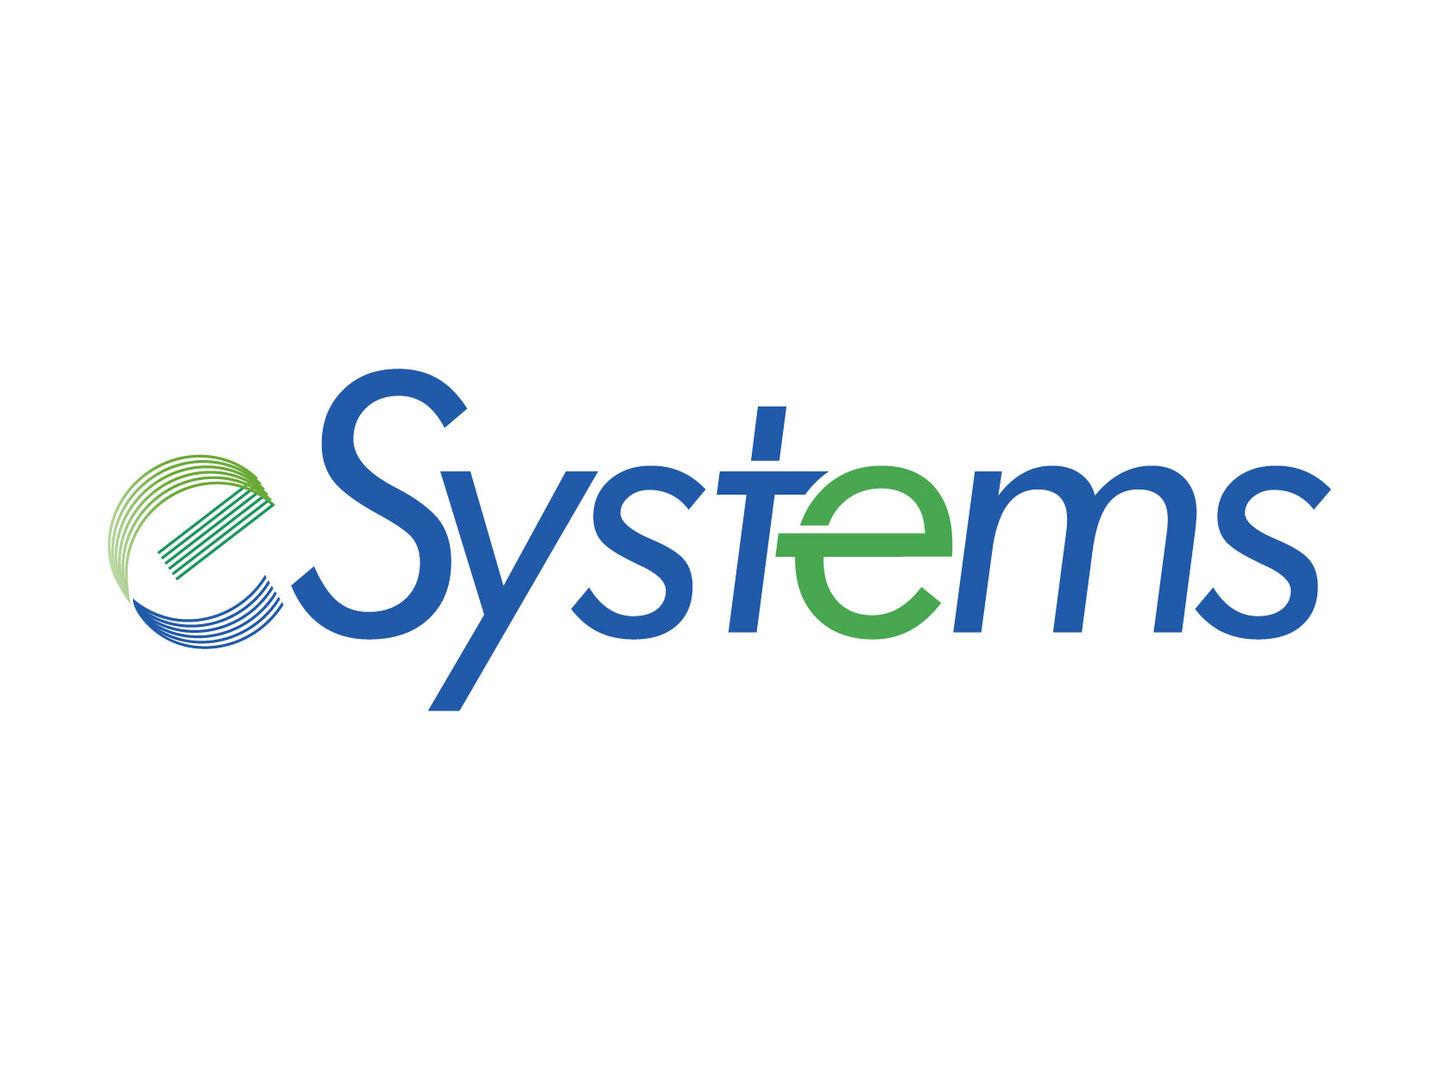 2019sponsor_logos_4-3-esystems.jpg